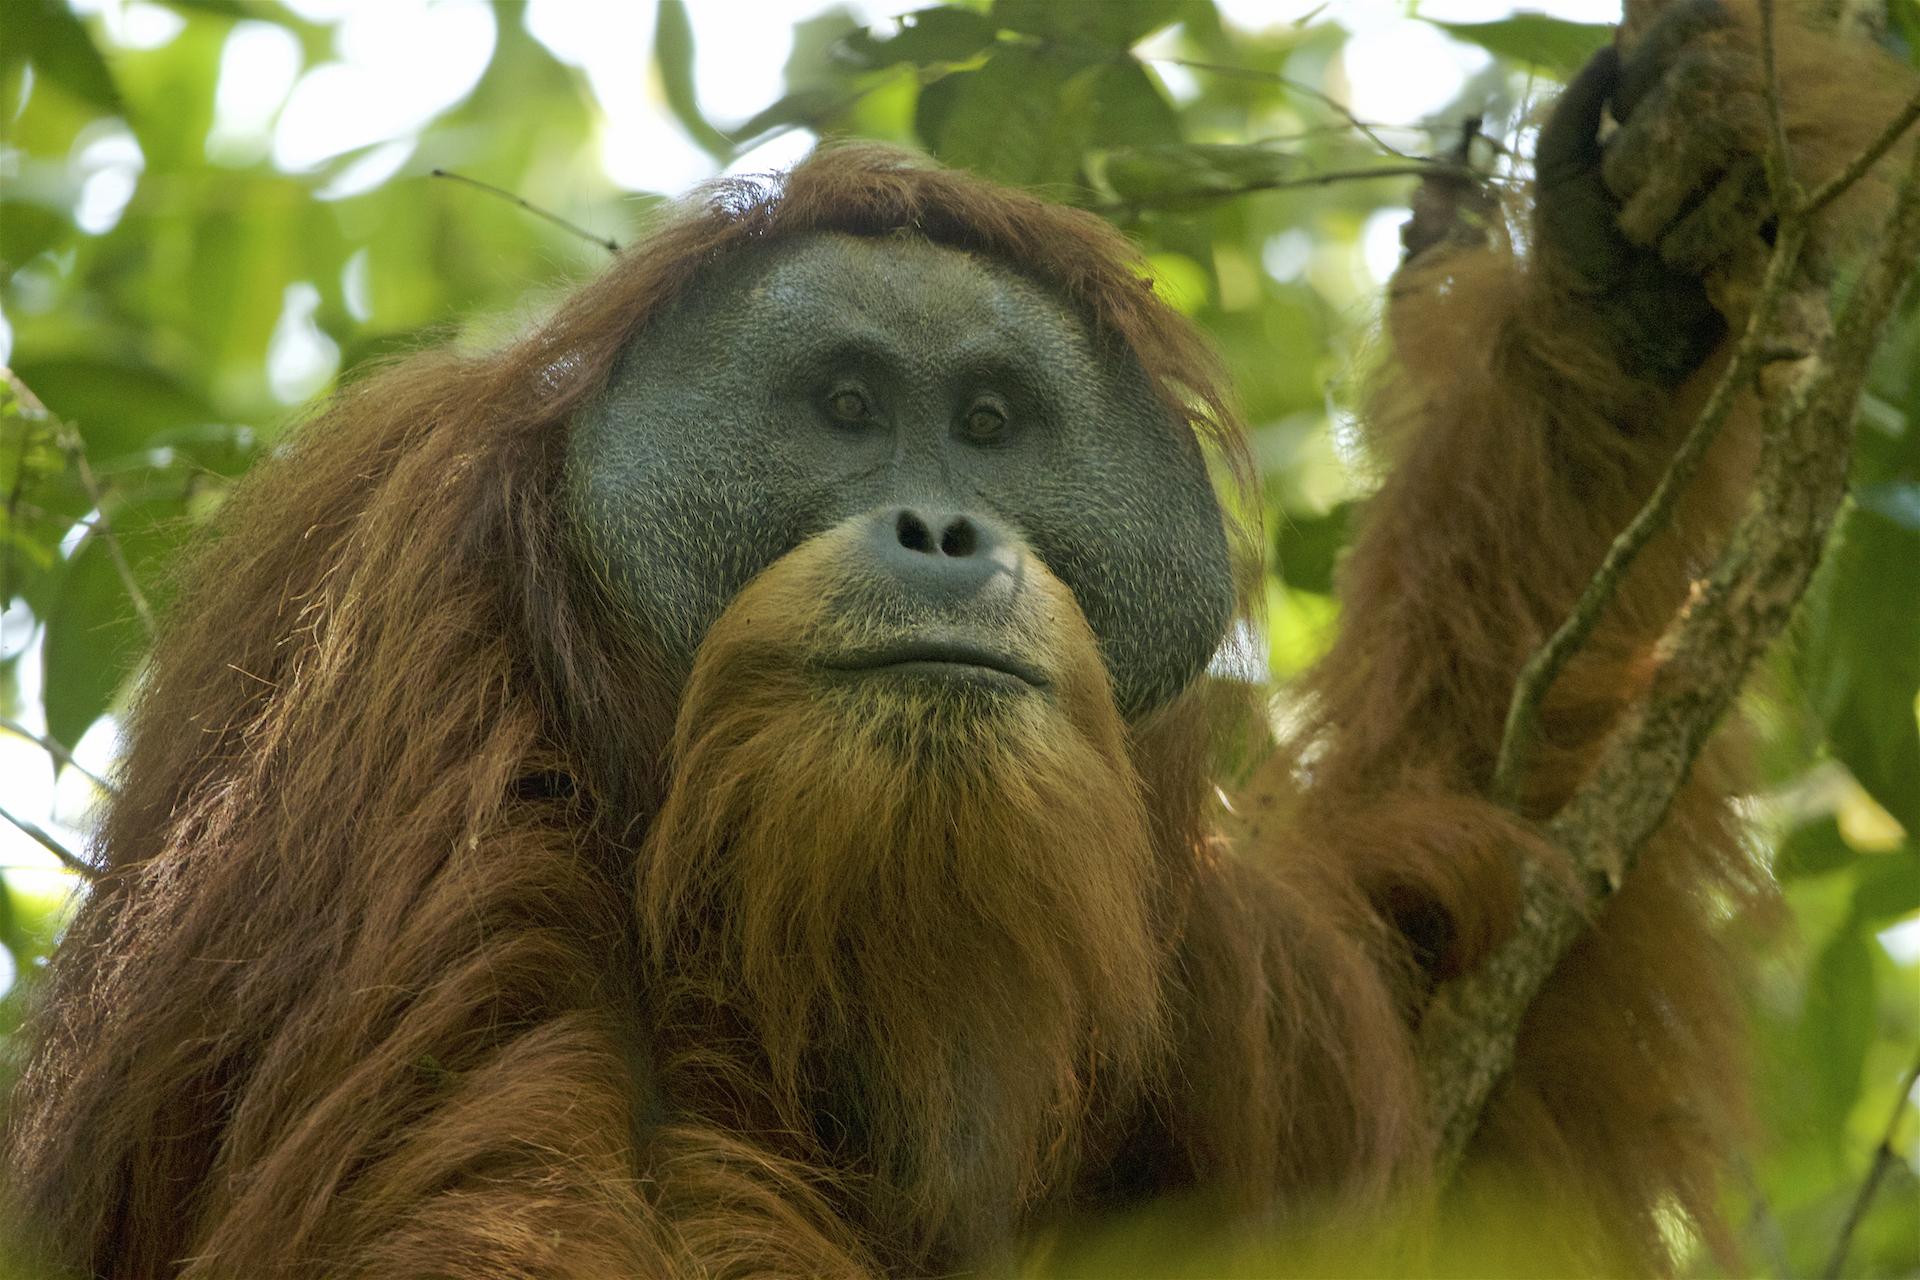 Kihalás fenyegeti a legritkább orangutánfajt